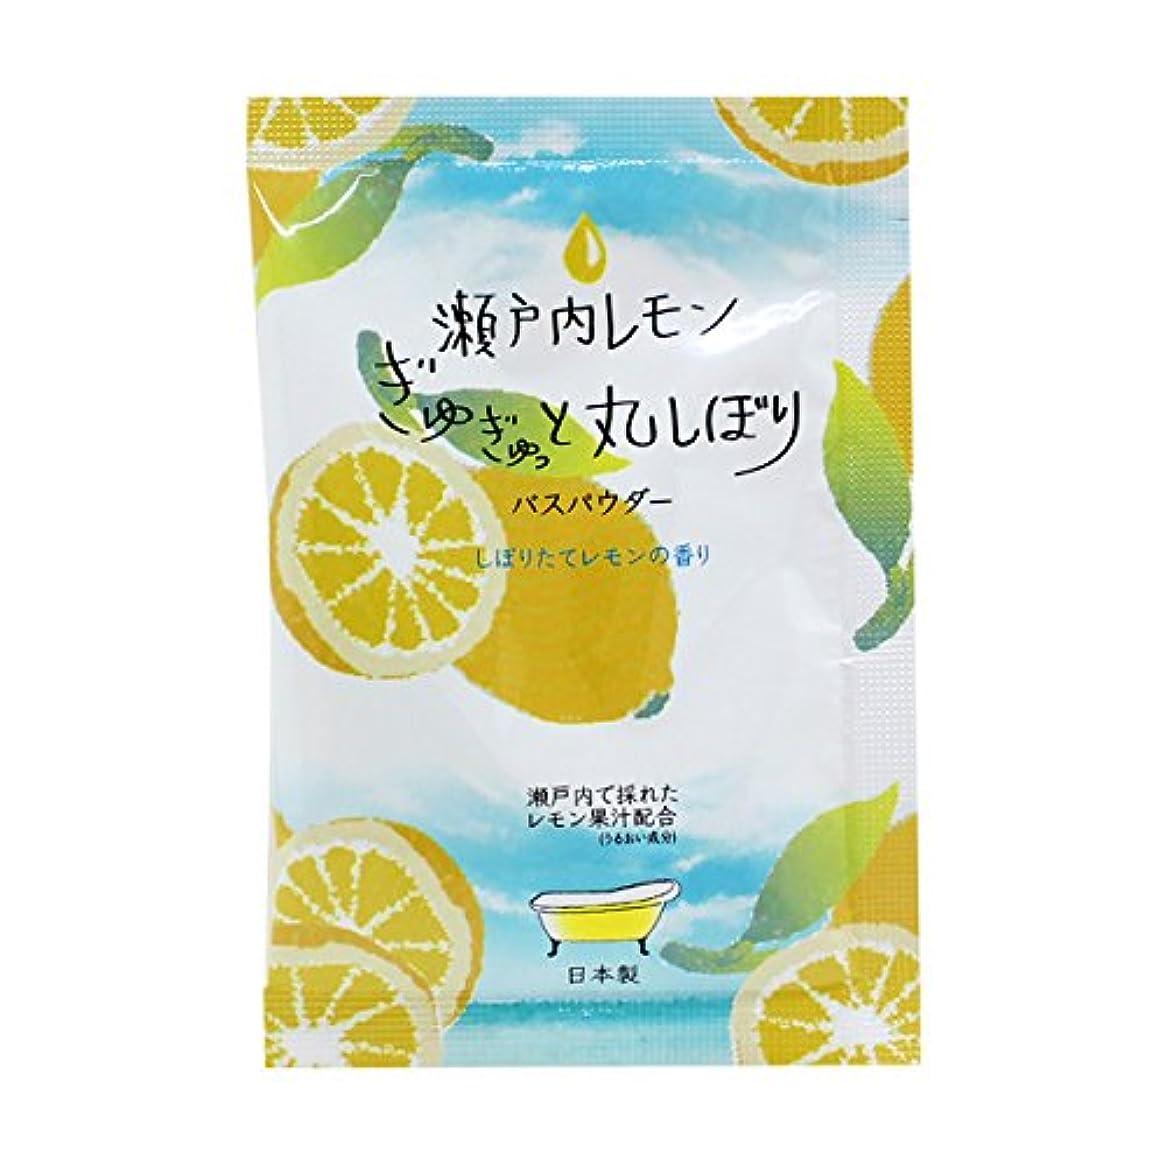 自信がある頼る放置ハーバルエクストラ リッチバスパウダー 「瀬戸内レモンの香り」30個